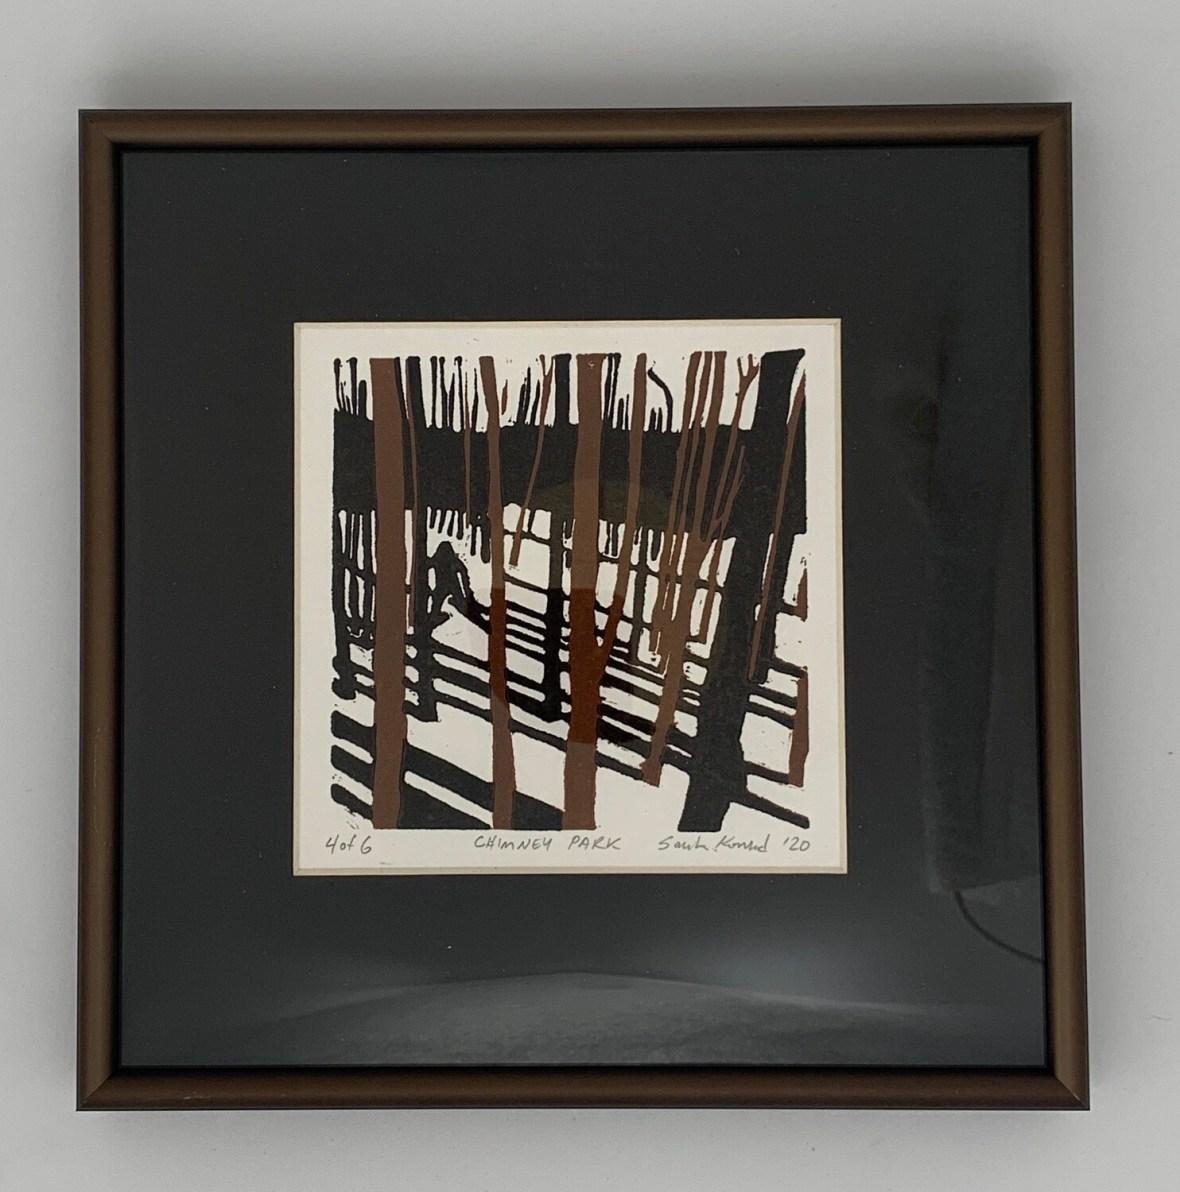 Chimney Park  (linoleum cut print) by Sarah Konrad